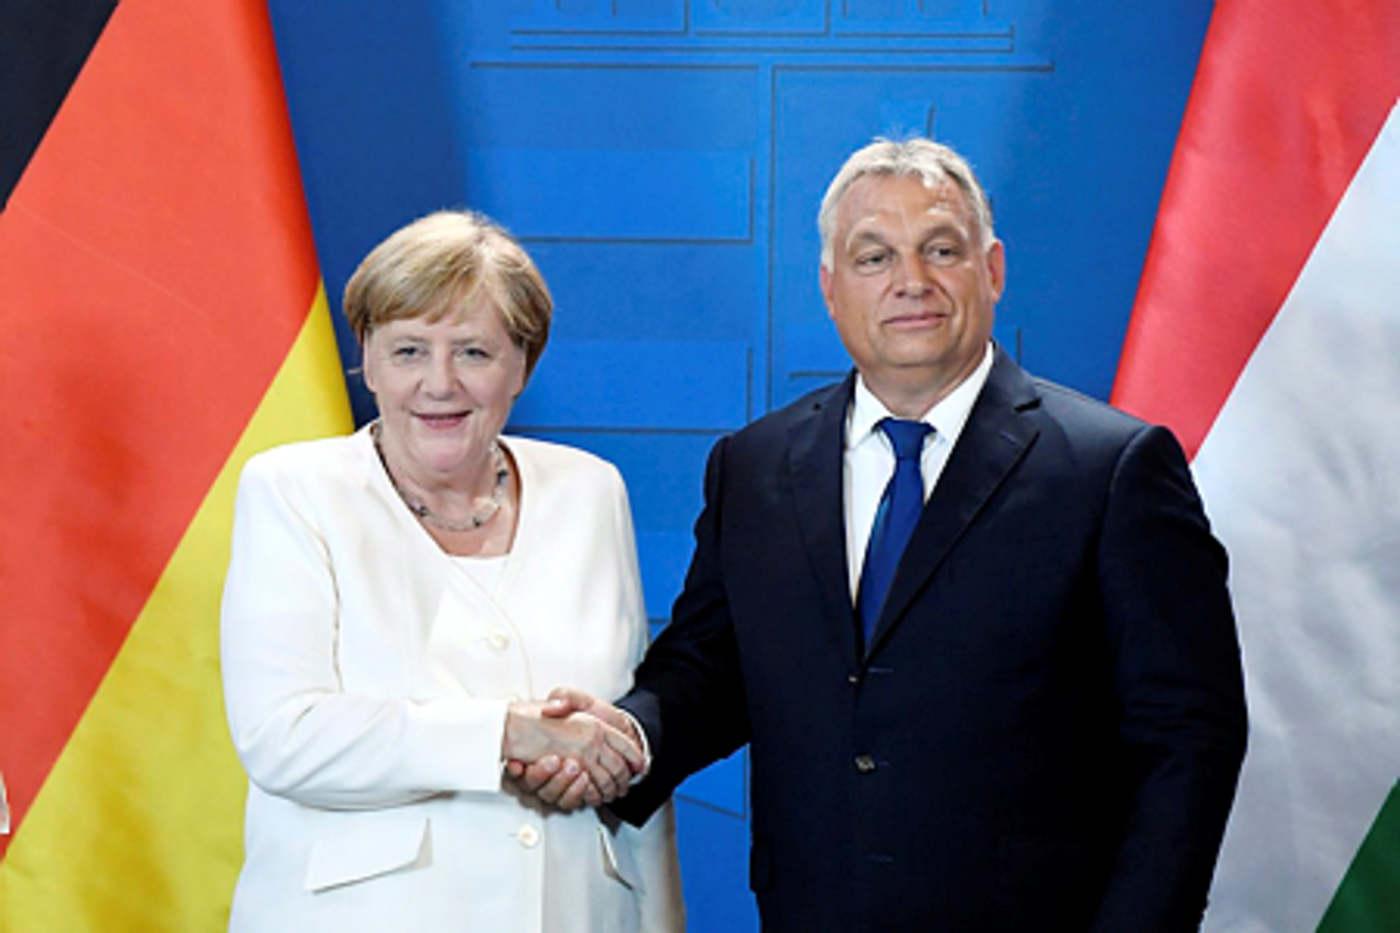 Angela Merkel német kancellár és Orbán Viktor magyar kormányfő